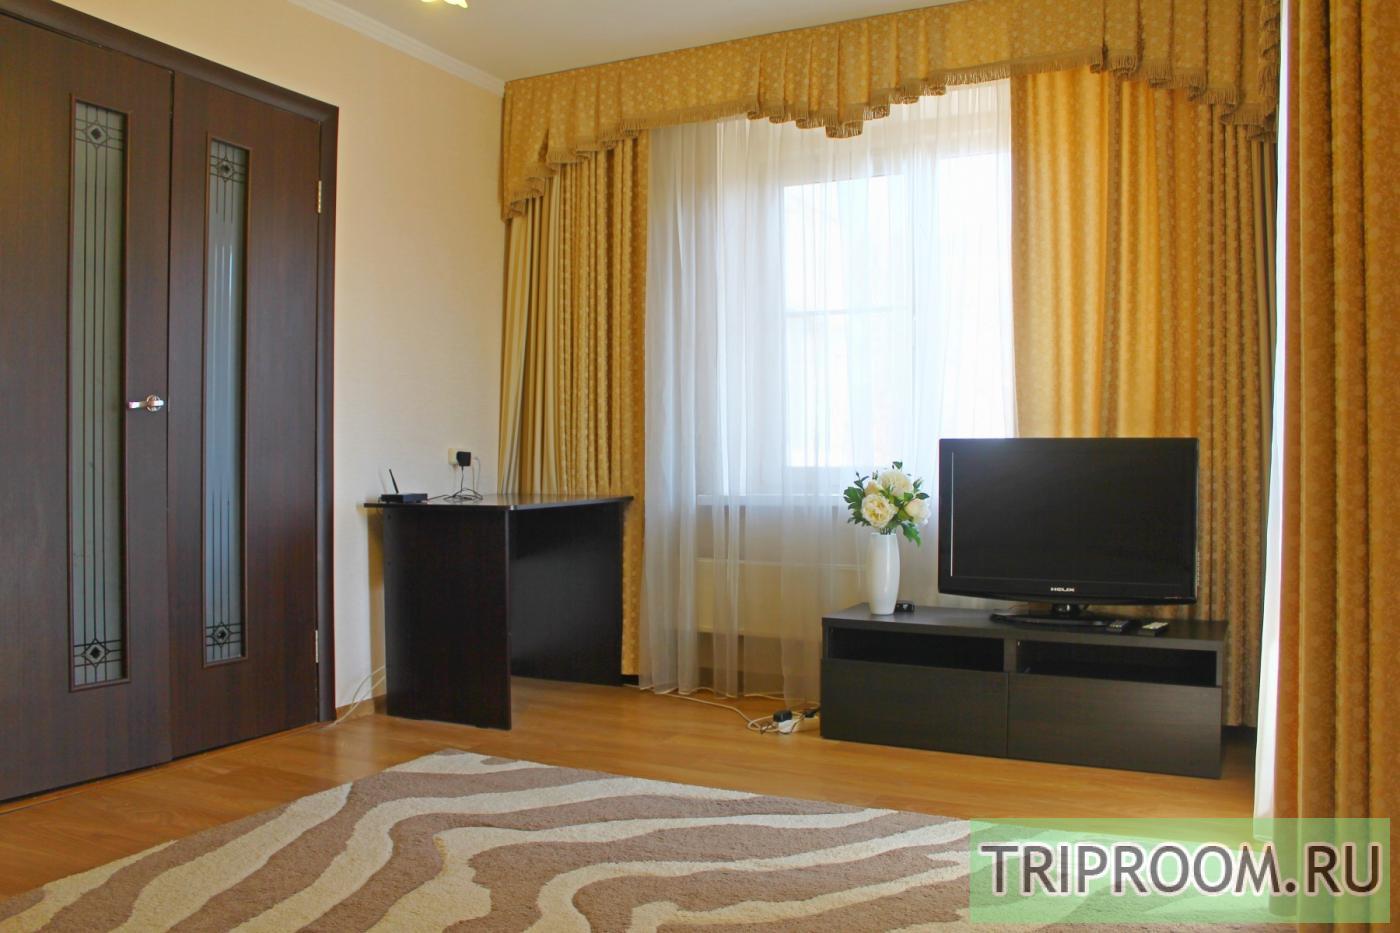 2-комнатная квартира посуточно (вариант № 35123), ул. Красина улица, фото № 1